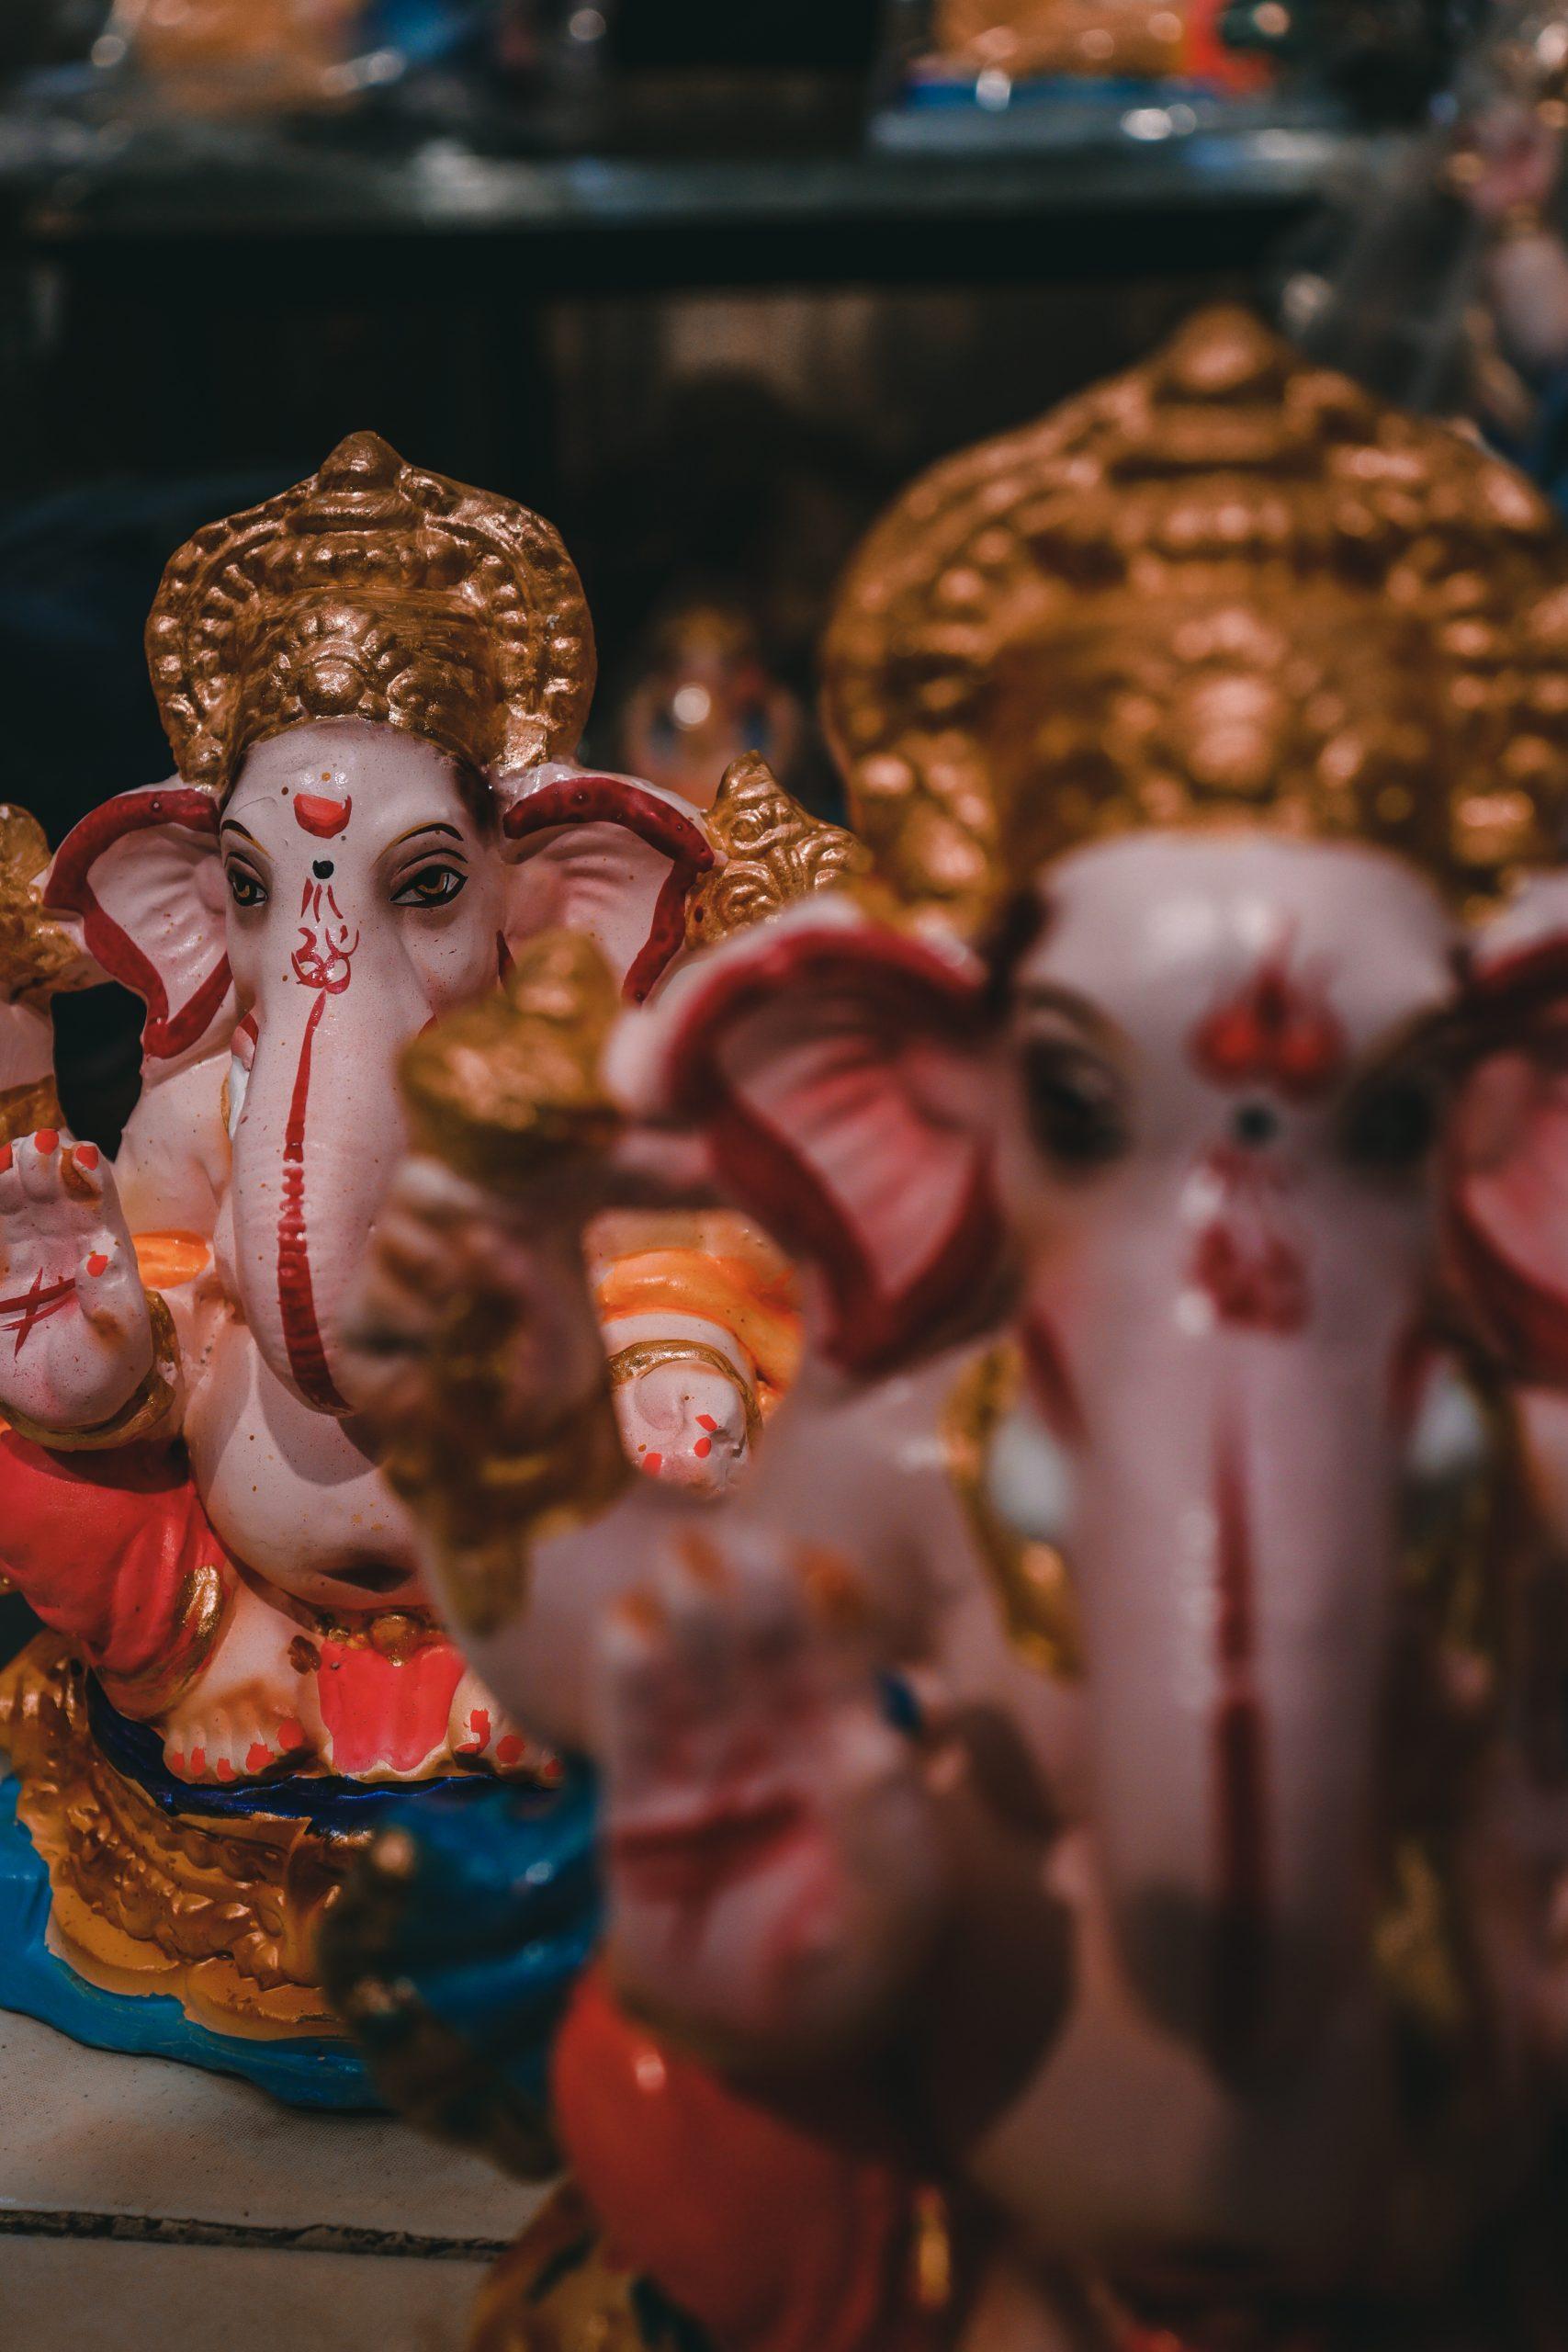 Idols of Lord Ganesha